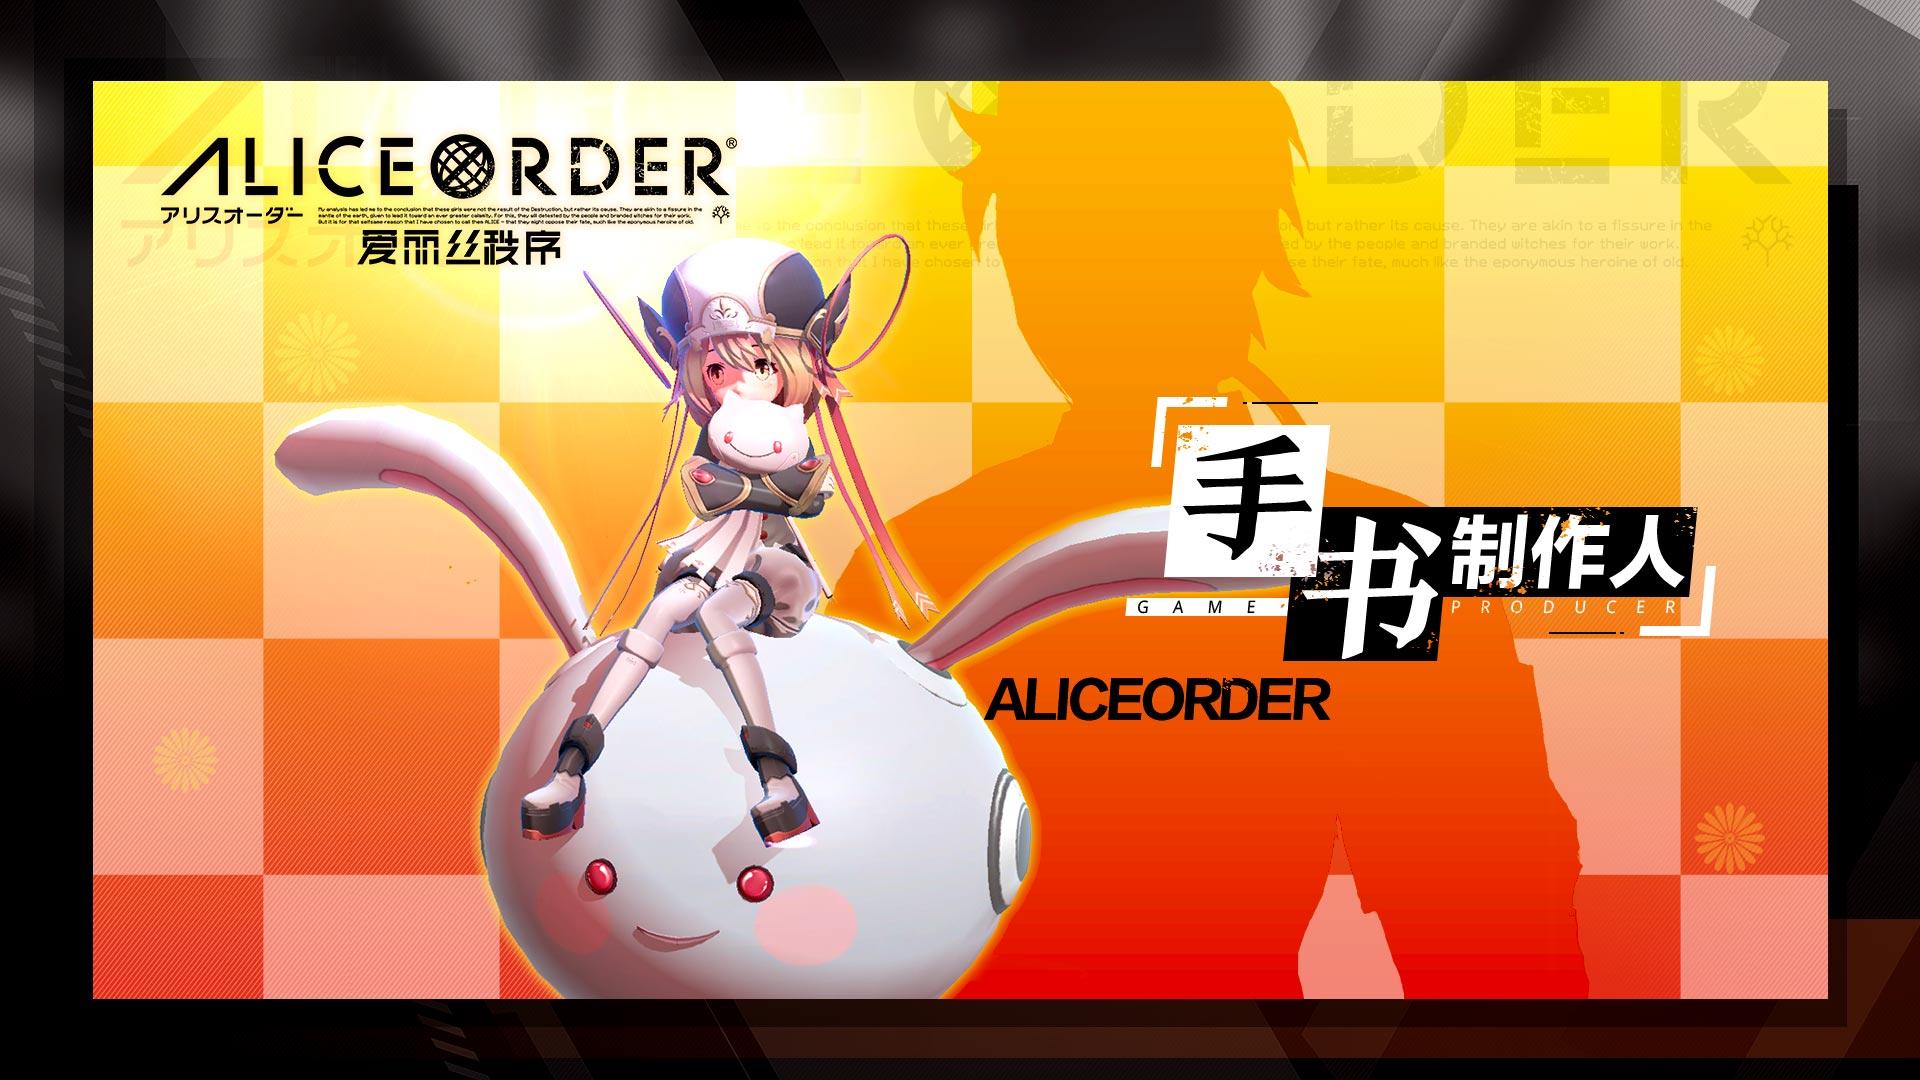 《爱丽丝秩序Alice Order》- 制作人手书